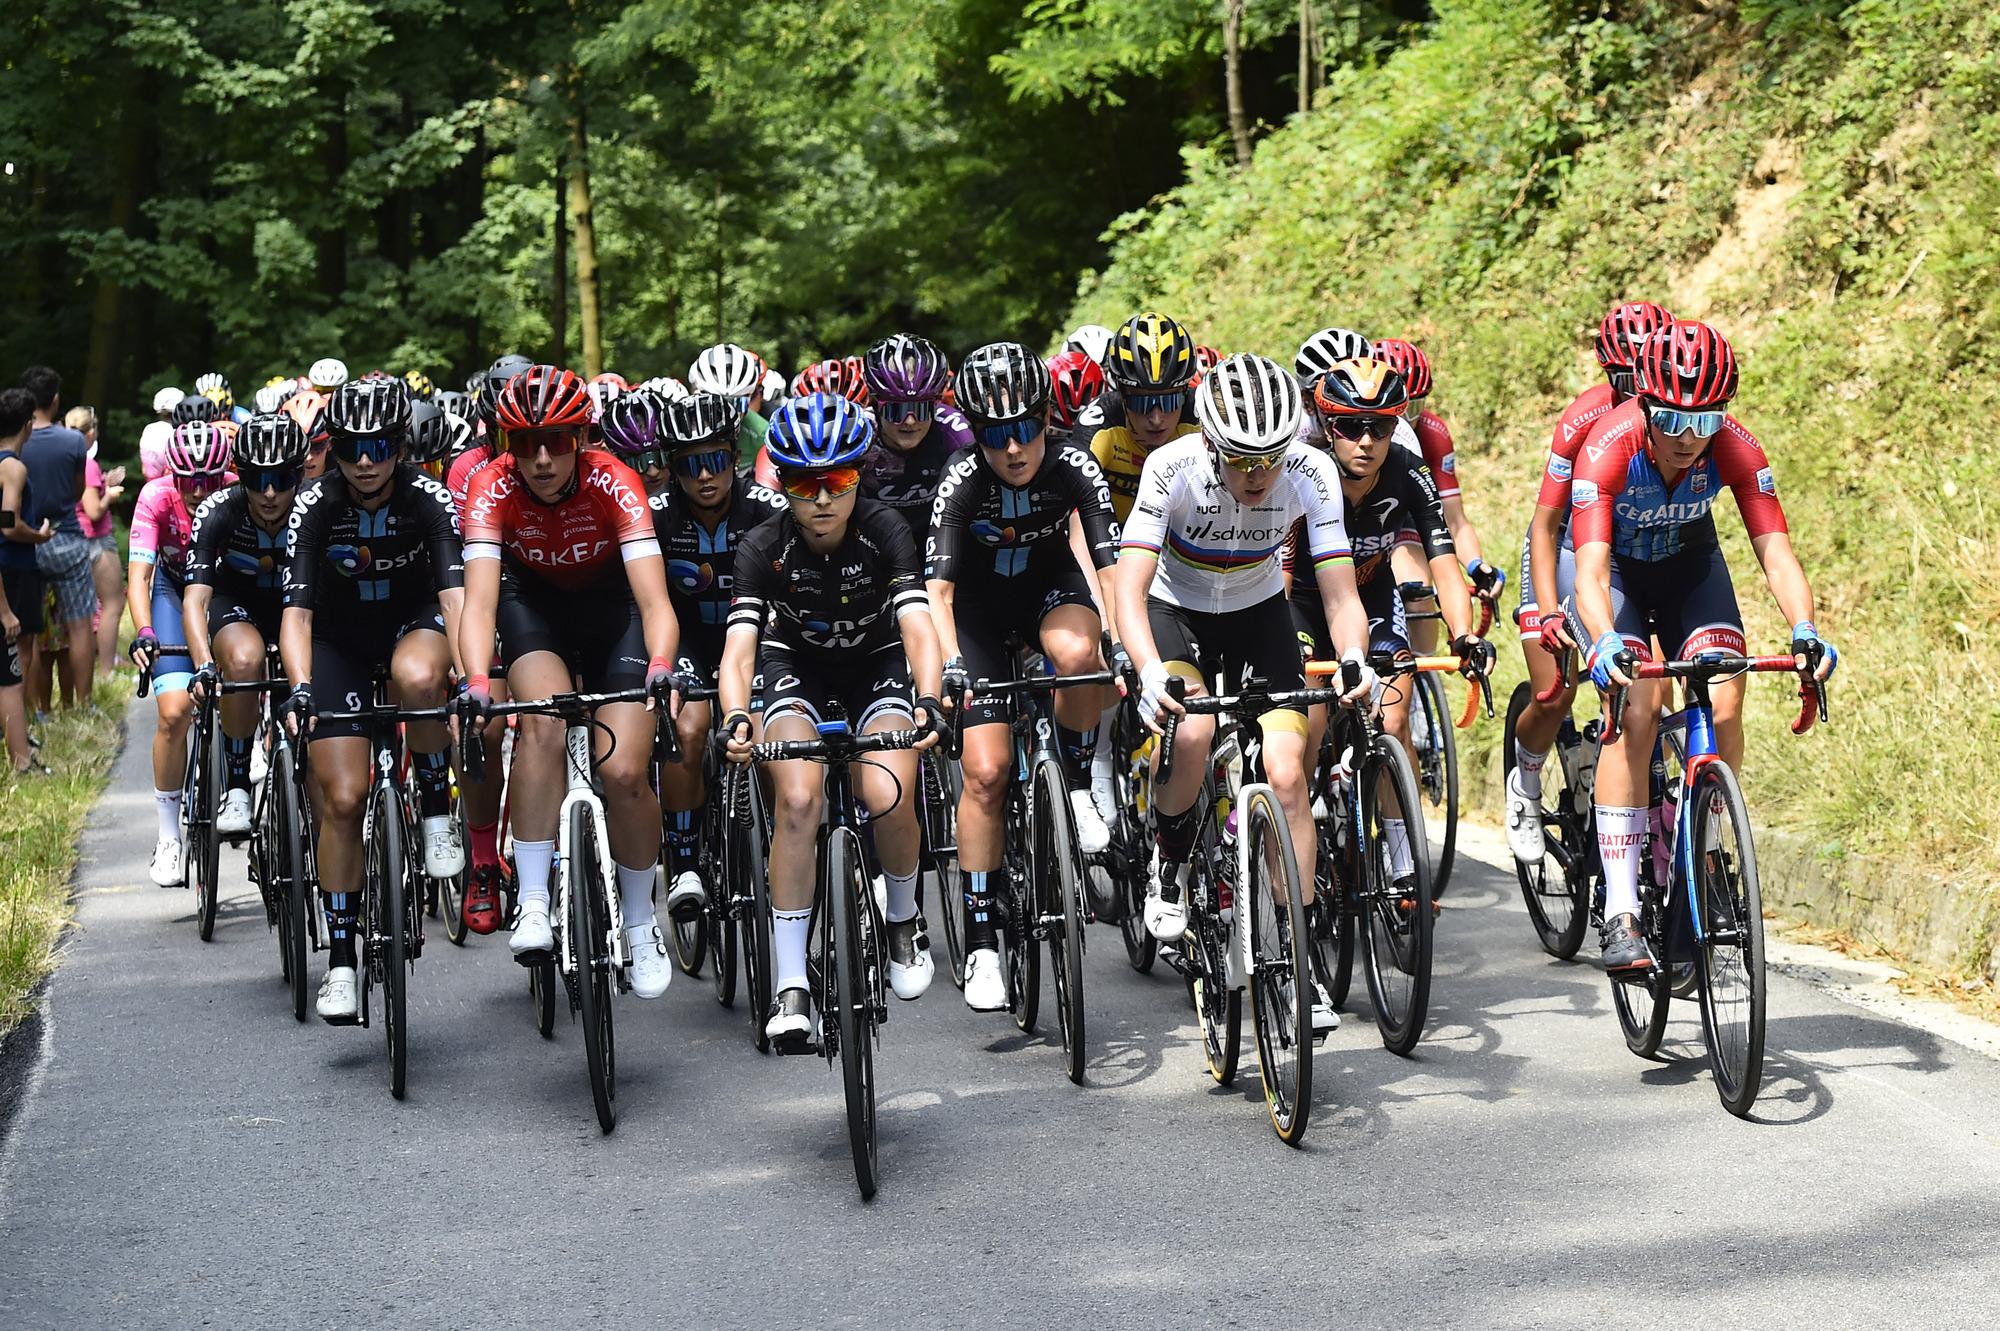 Second stage Giro d'Italia Donne: Boves – Prato Nevoso